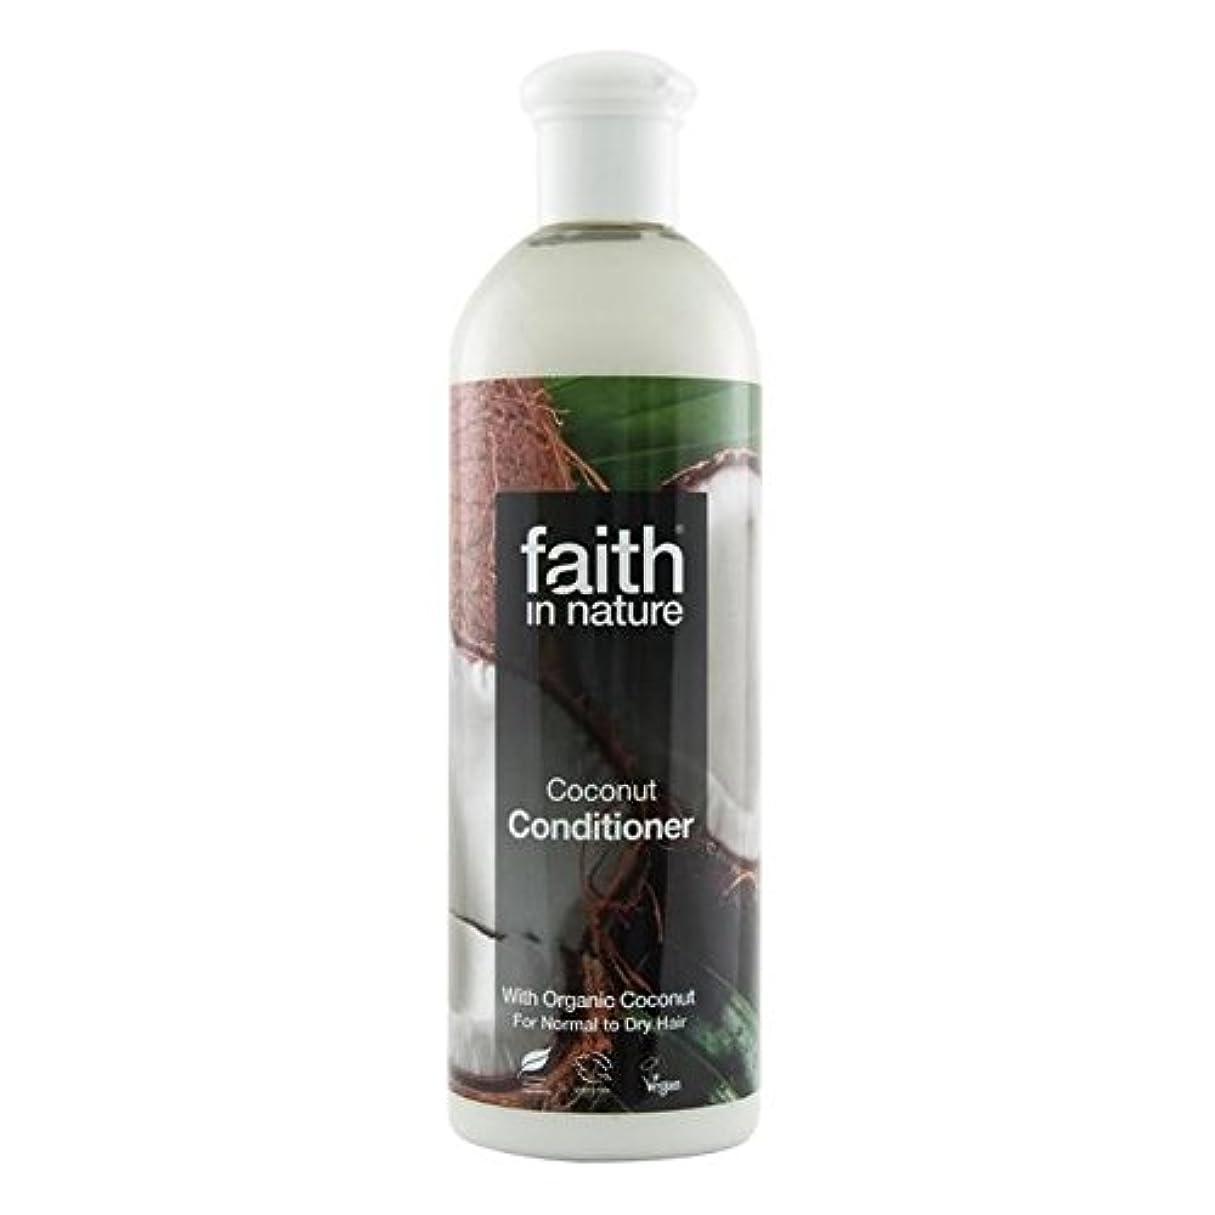 バース小切手剥ぎ取るFaith in Nature Coconut Conditioner 400ml - (Faith In Nature) 自然ココナッツコンディショナー400ミリリットルの信仰 [並行輸入品]